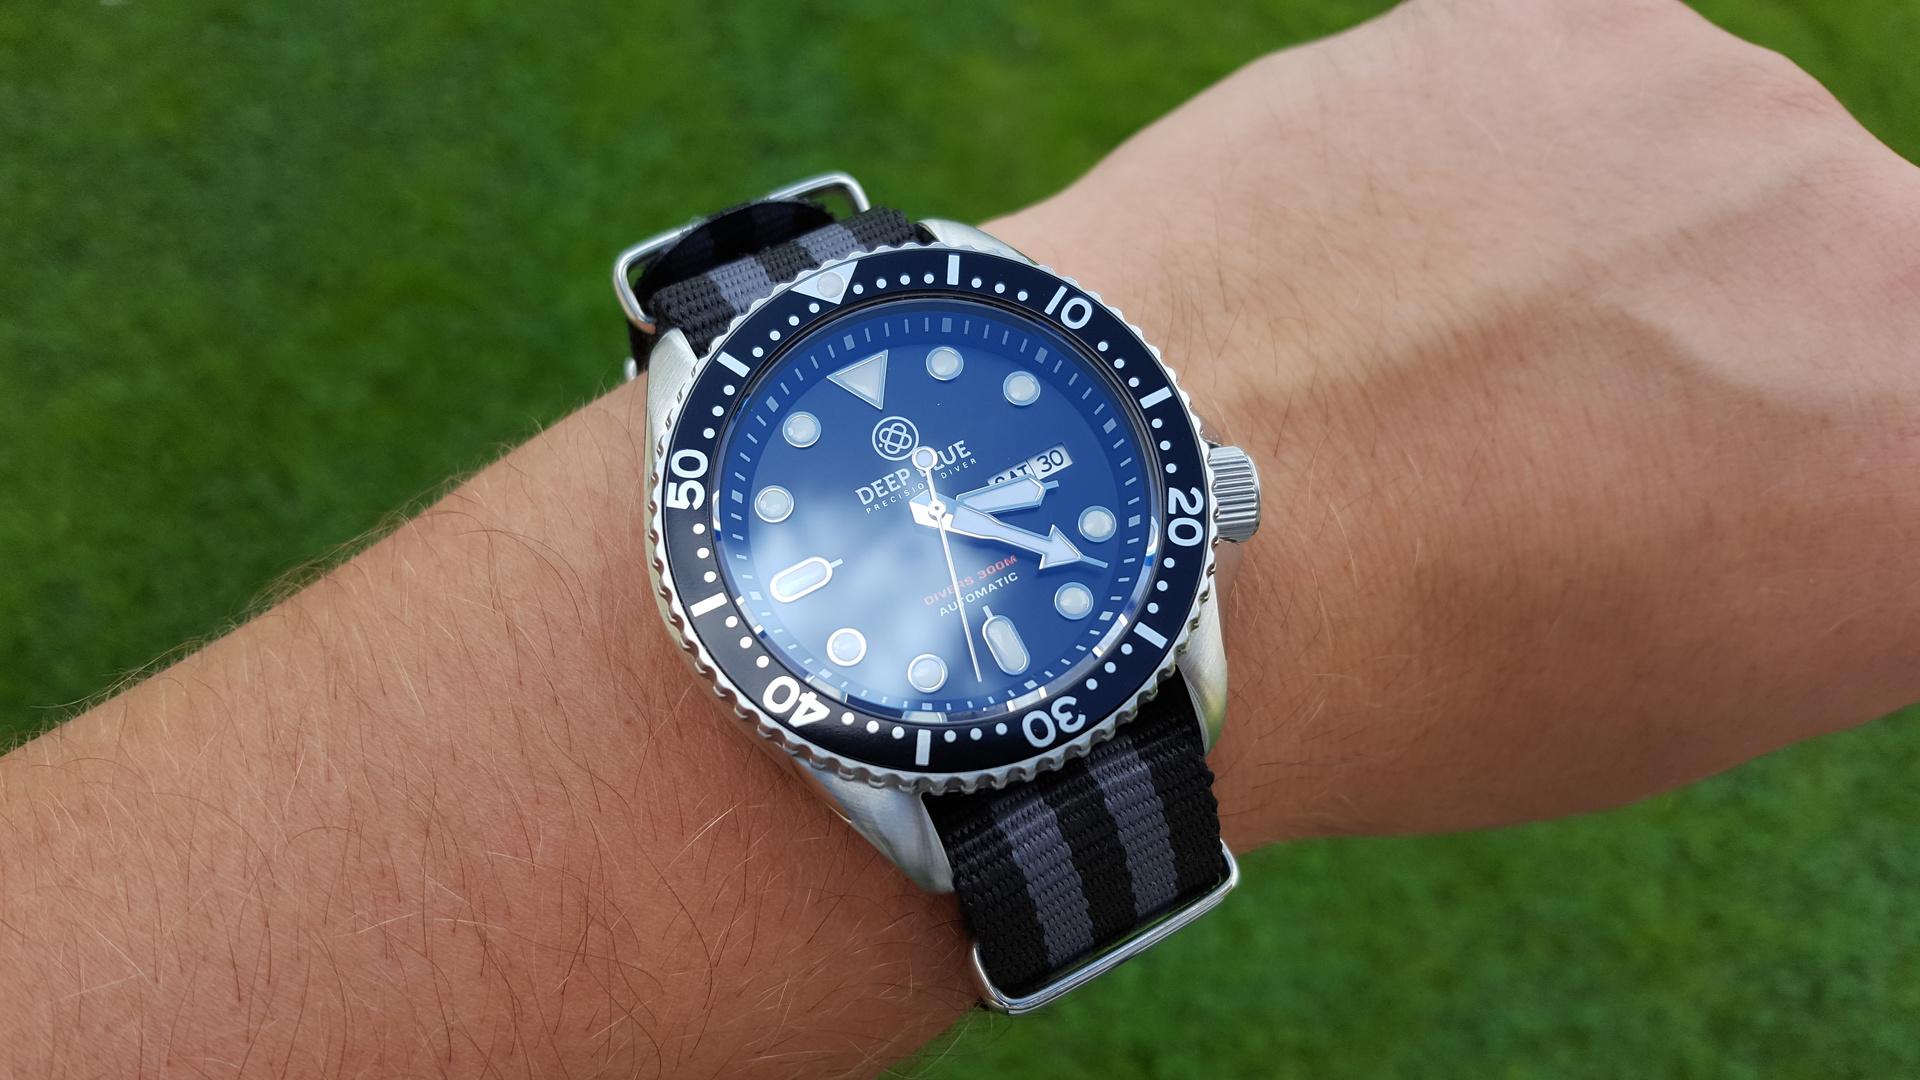 [Erledigt] Deep Blue Nato Diver 300m Black - UhrForum